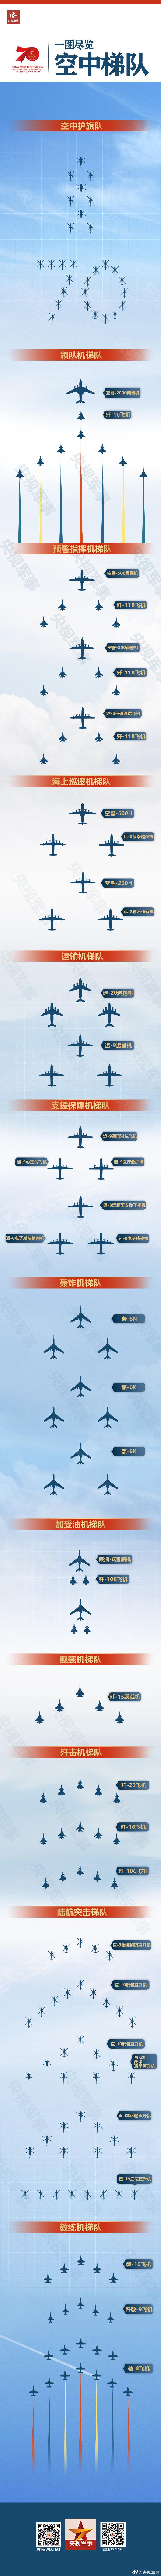 土耳其外长:若美拒绝供应F-35土可能购俄制战机